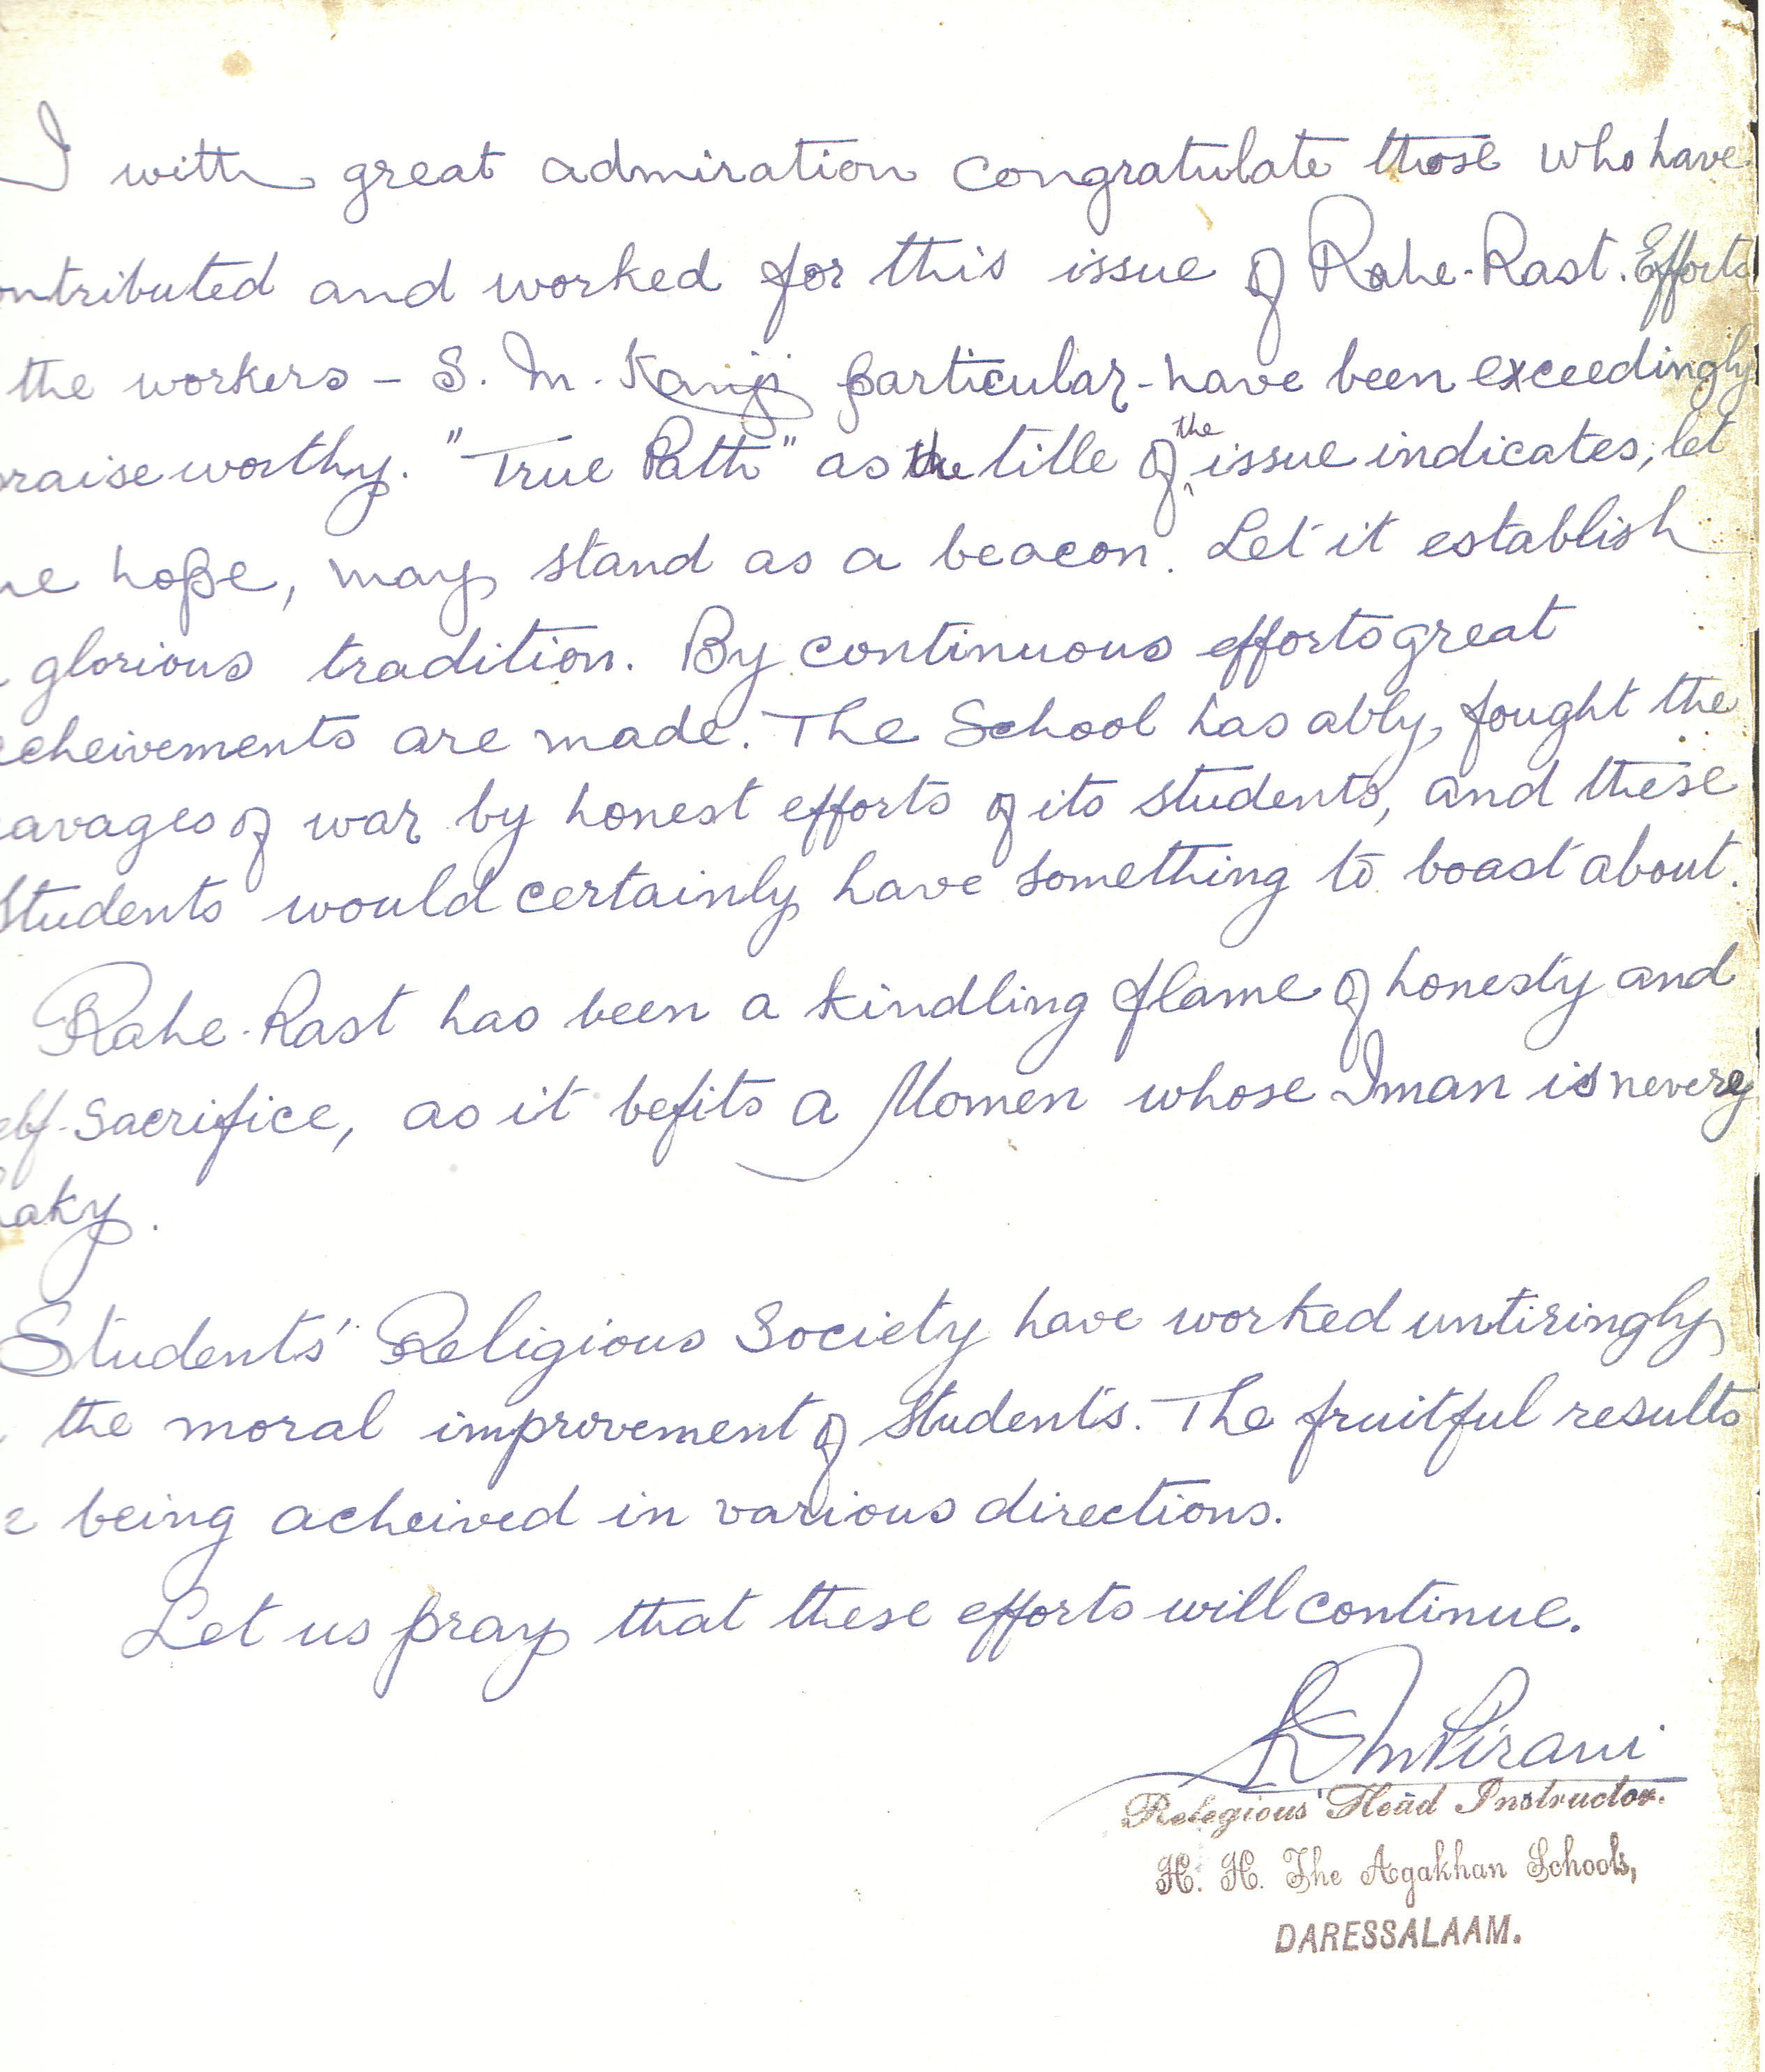 Netaji Subhash Chandra Bose Essay in Marathi Language On